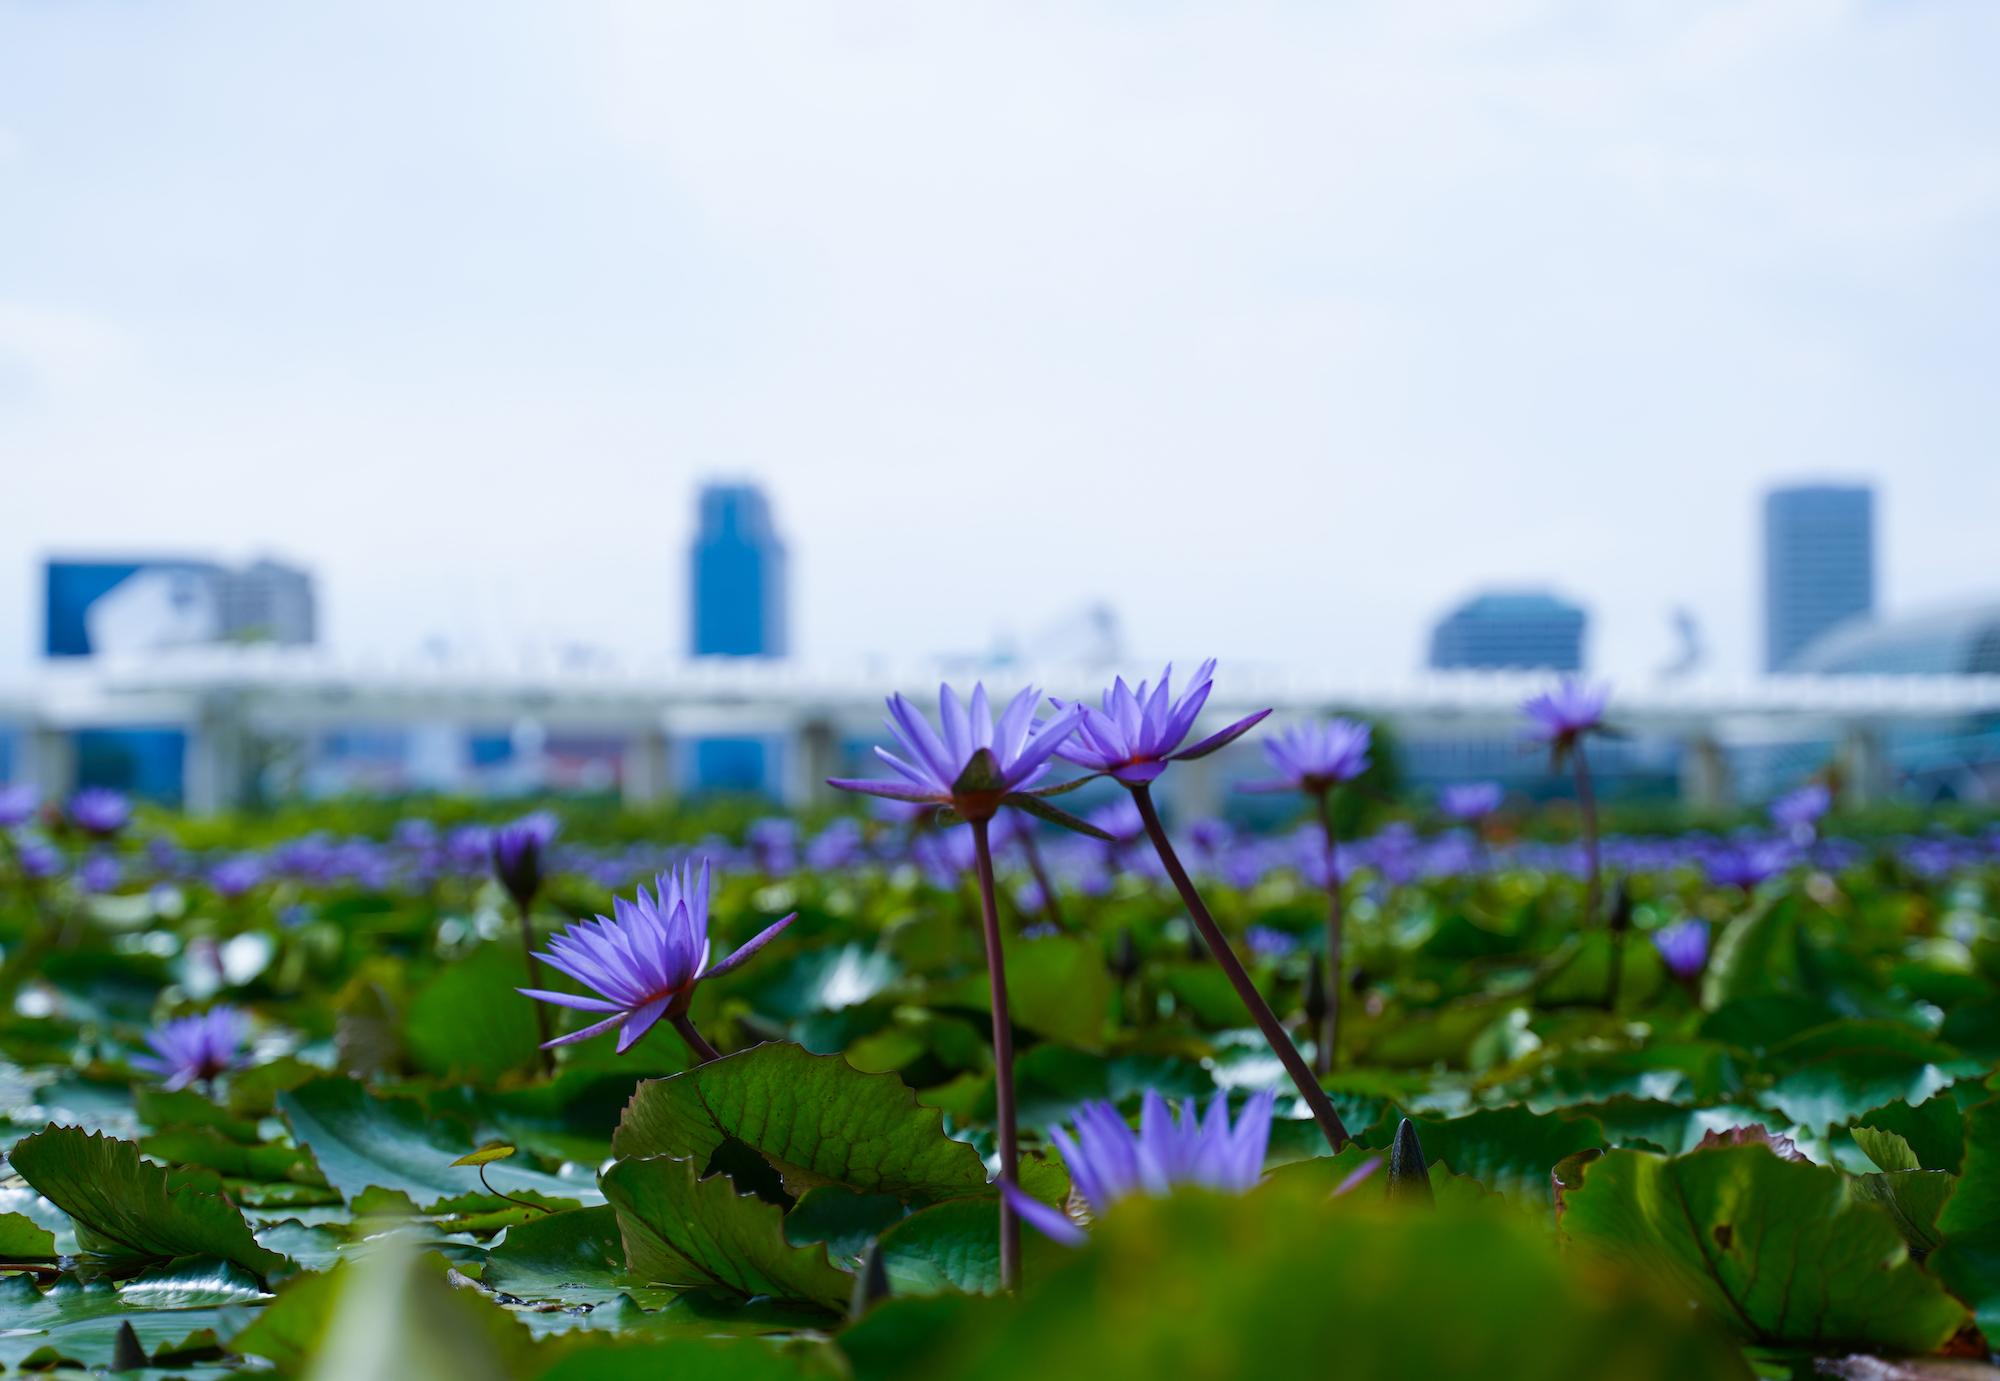 シンガポールのマリーナベイサンズ横のマリーナ湾にあるMUSEUMの池に咲いていた花/2019年12月1日:撮影:SHUN ONLINE